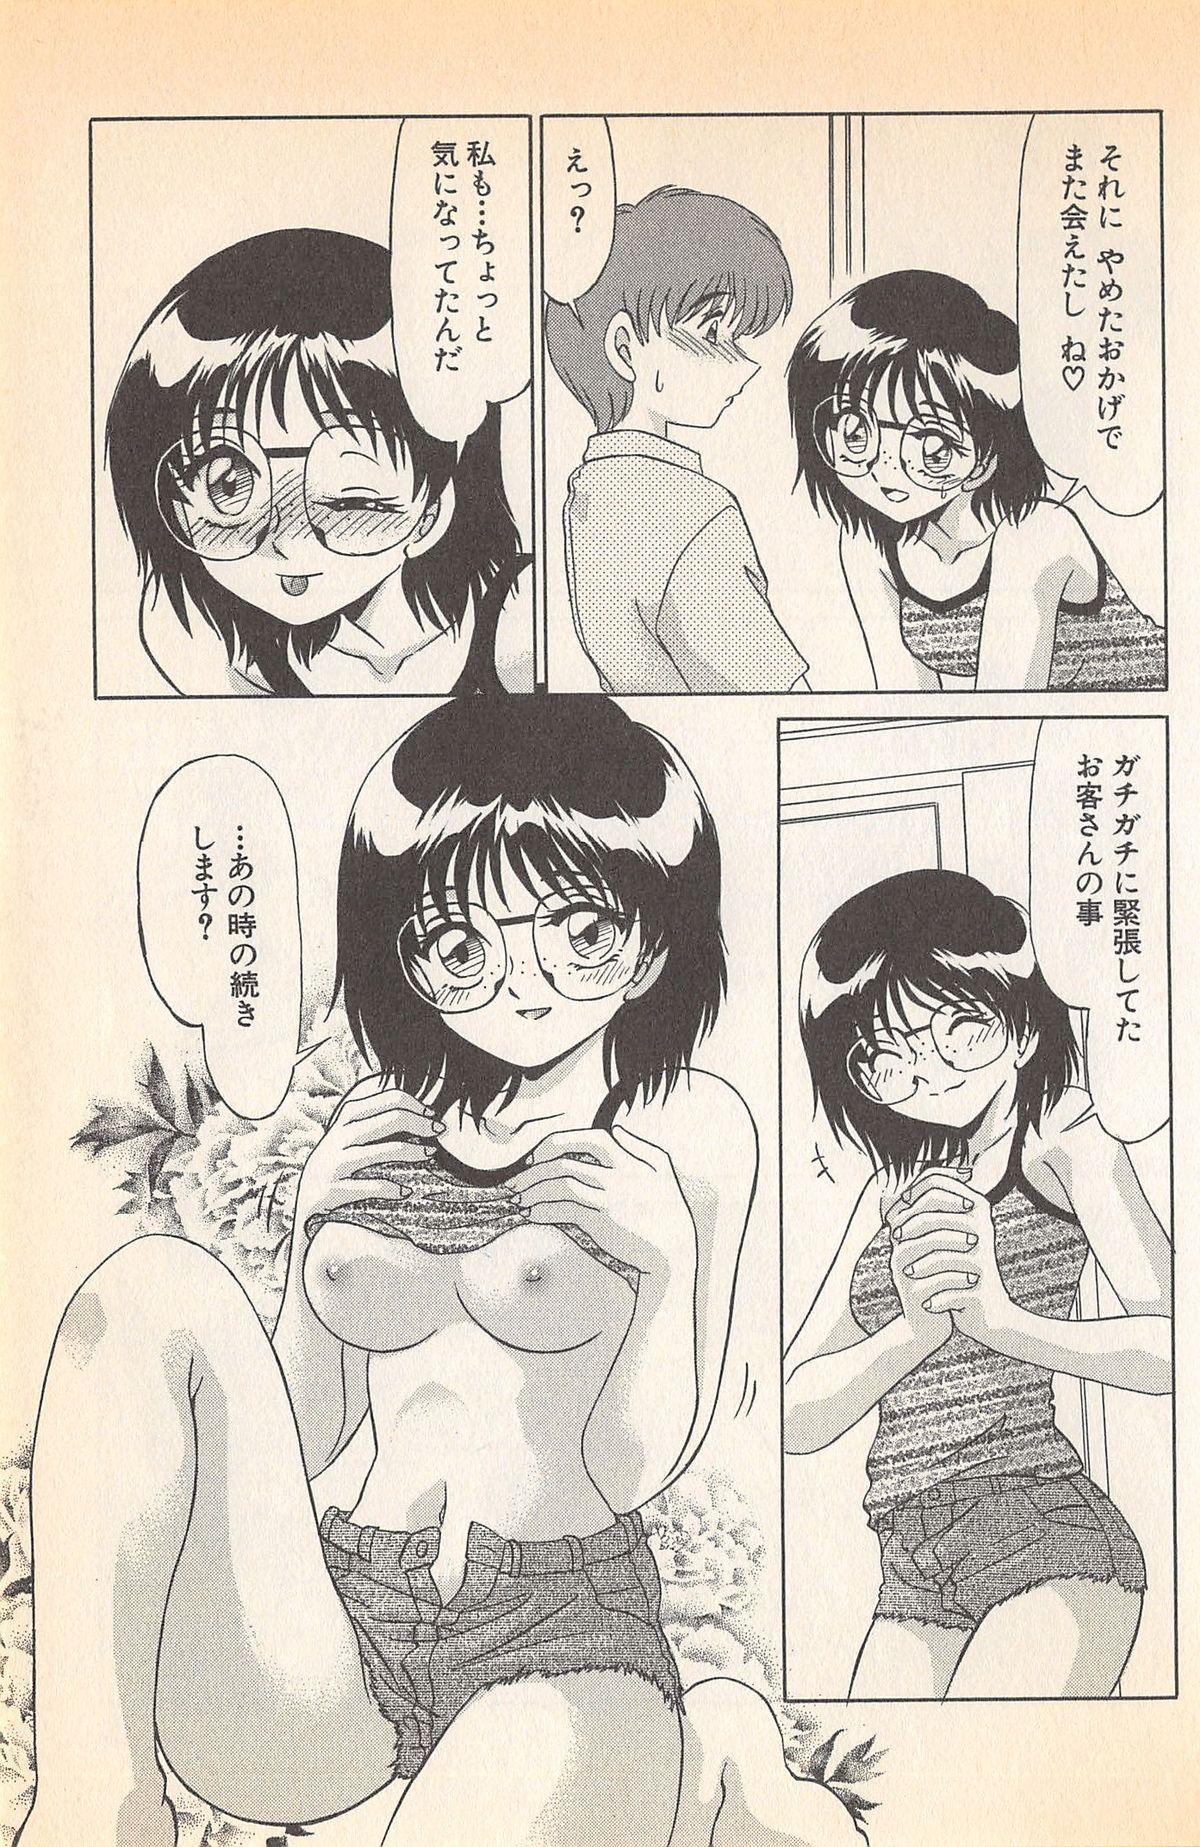 Doki Doki no Shikumi 174